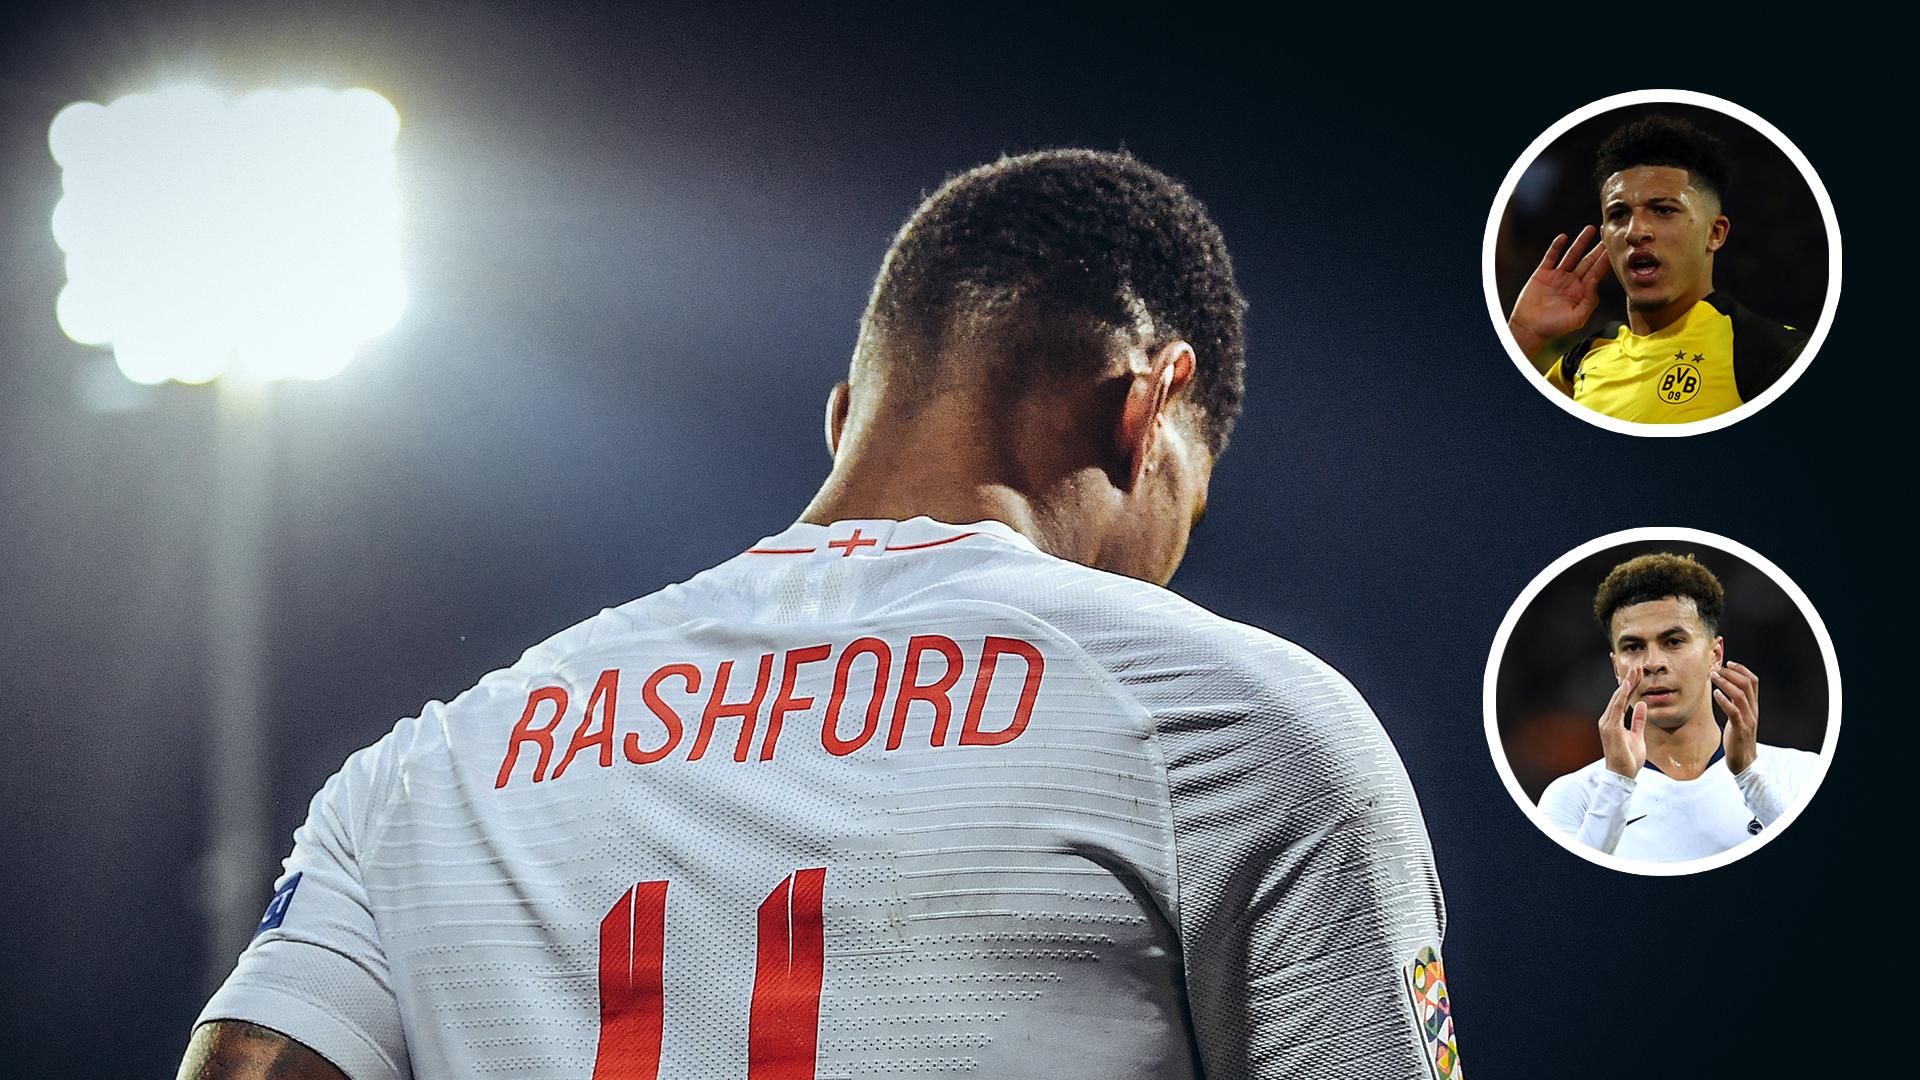 索斯盖特:拉什福德伤退给了年轻球员机会